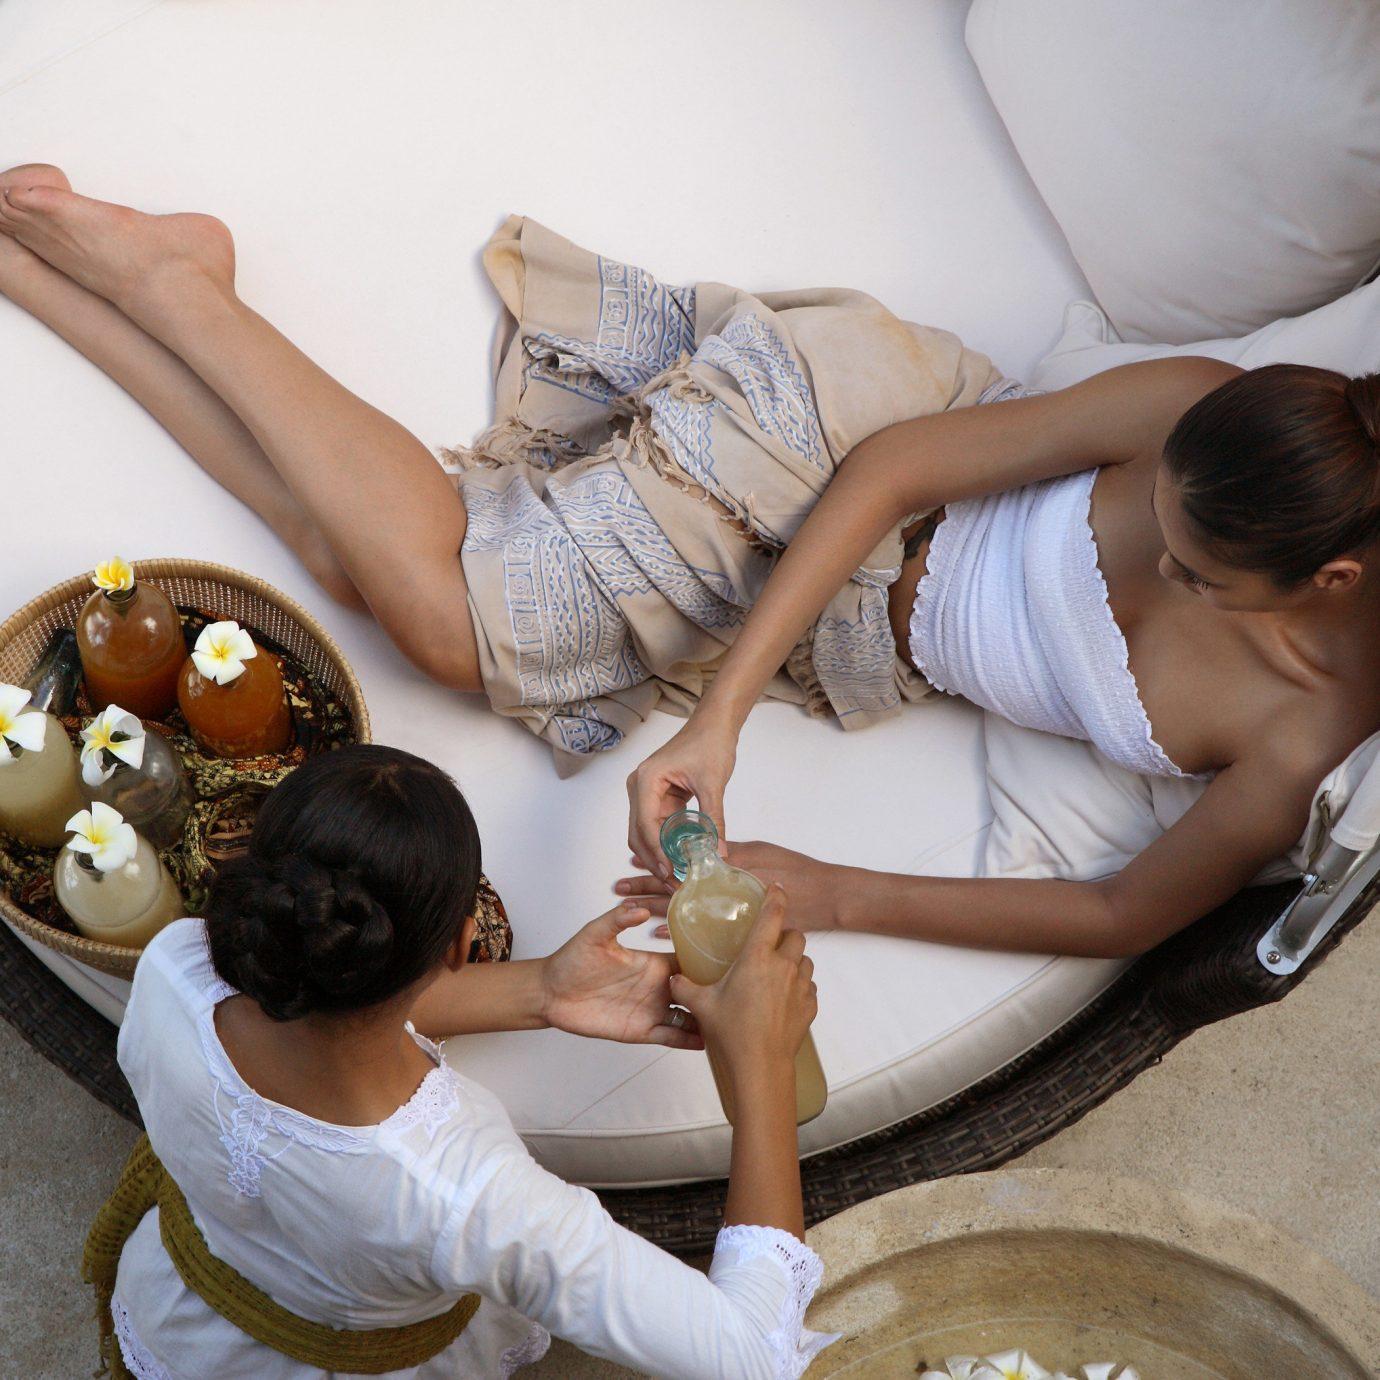 human positions child bride leg photo shoot infant